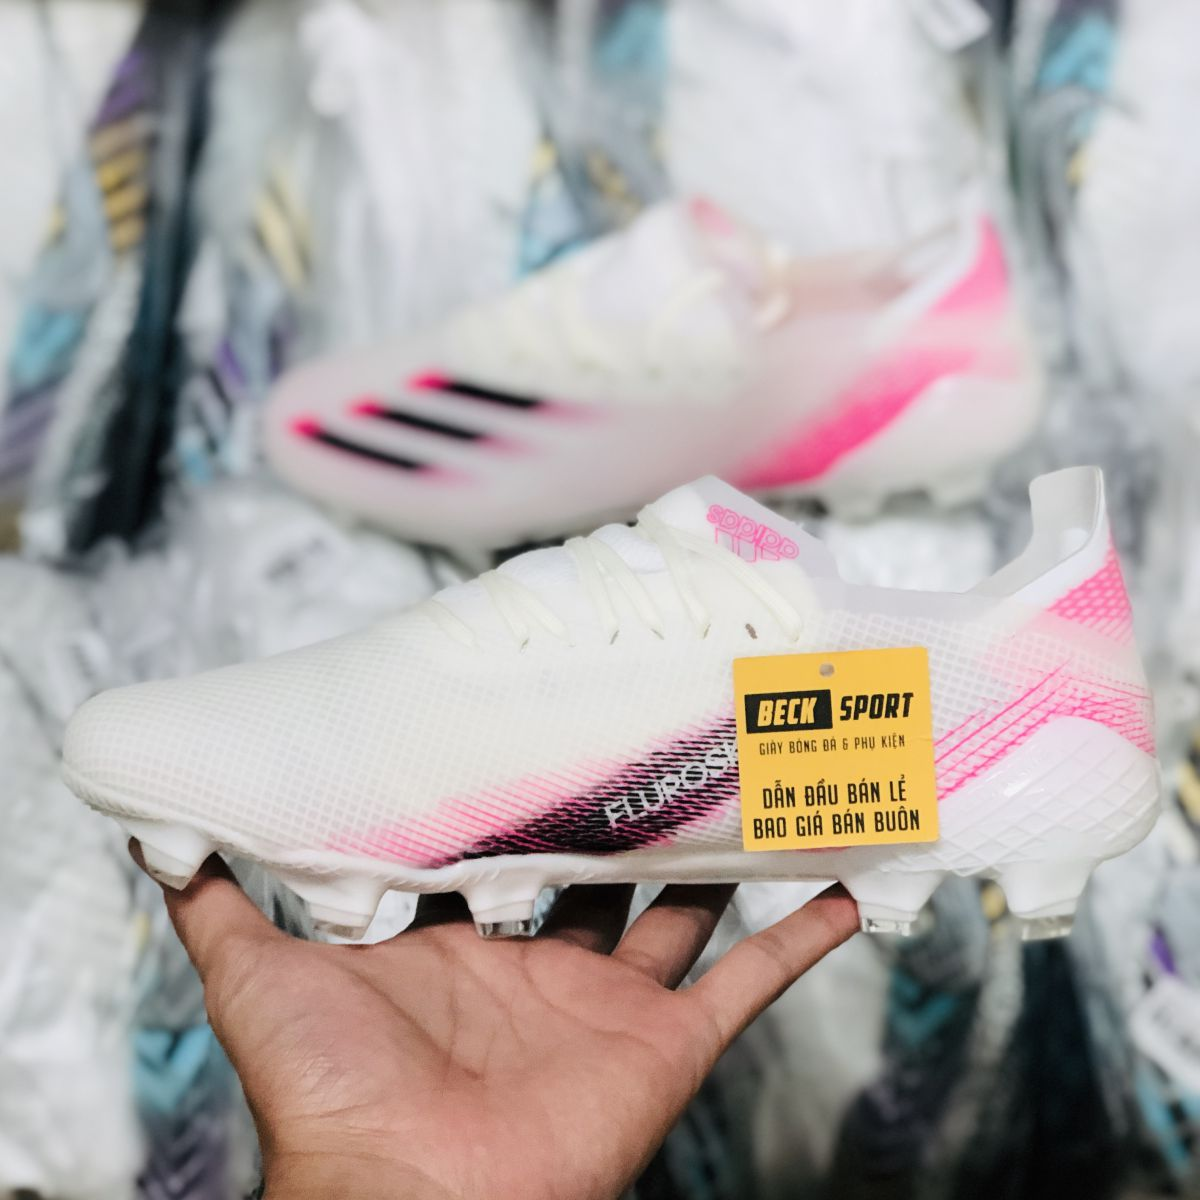 Giày Bóng Đá Adidas X Ghosted.1 Trắng Hồng Vạch Đen FG